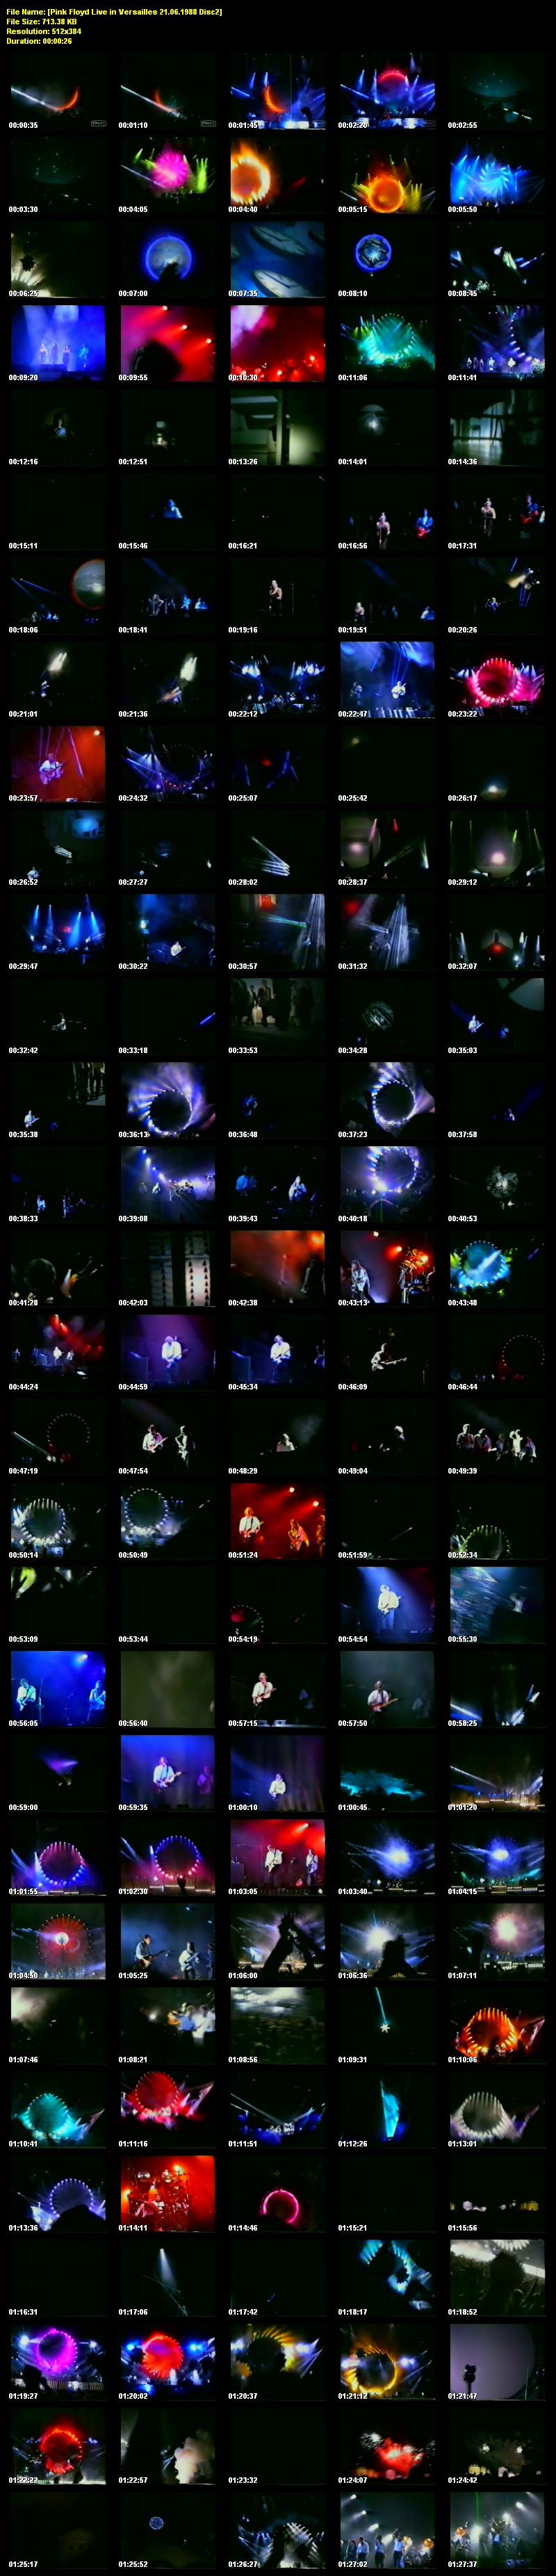 39153_PinkFloyd_liveinversailles02_122_1117lo.jpg